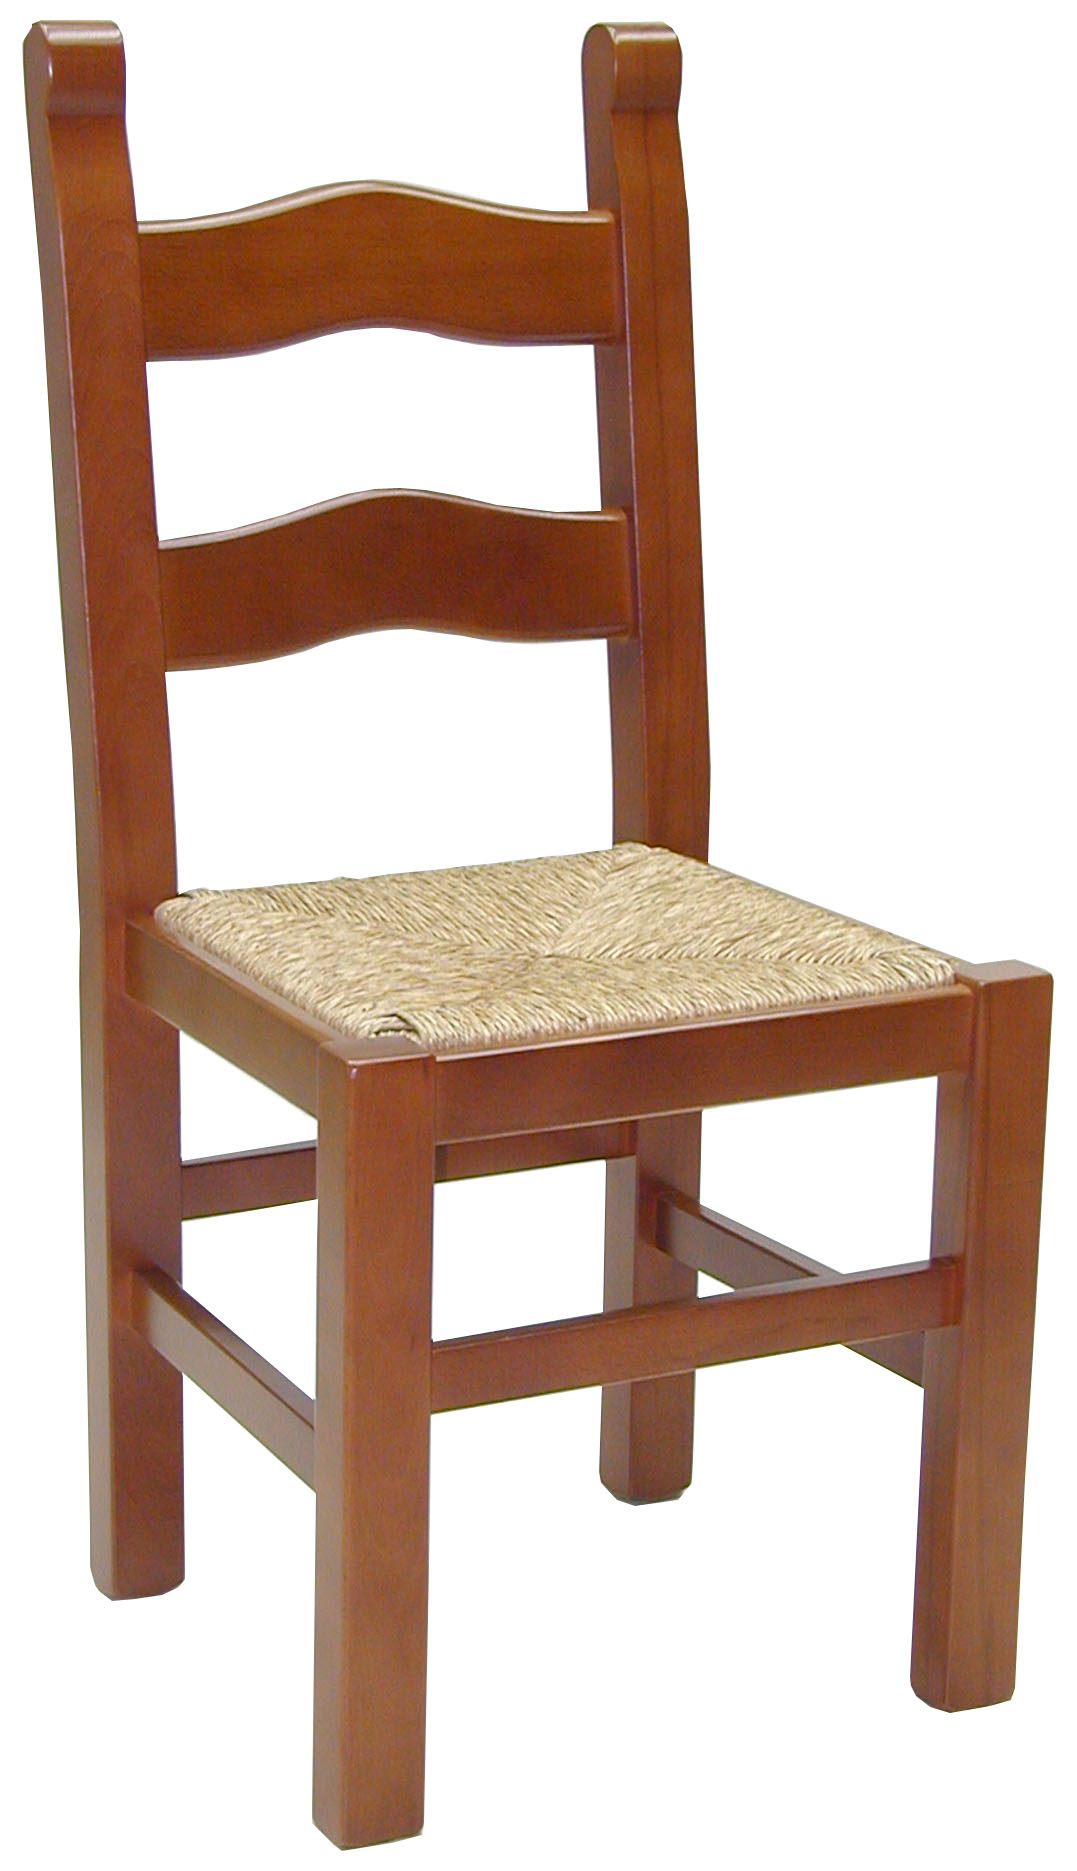 La silla vac a moniqueilles - La silla vacia ...